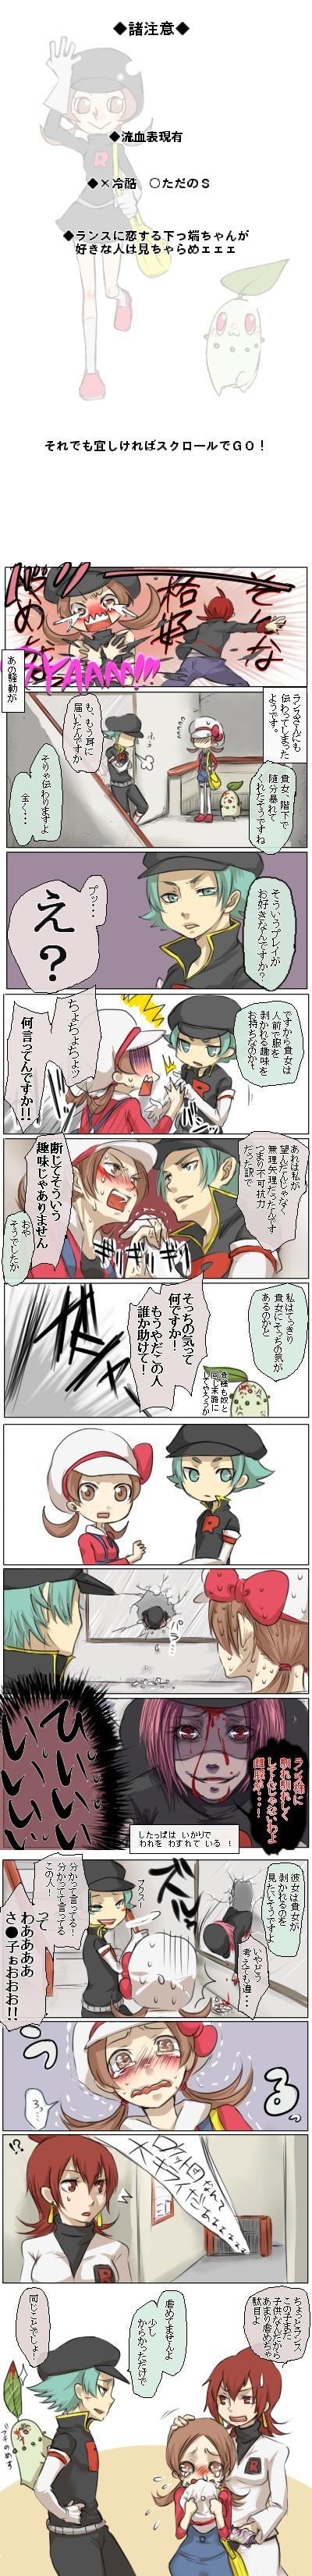 Tags: Anime, Sakurai (Pixiv1364648), Pokémon, Lance (Pokémon), Silver (Pokémon), Athena (Pokémon), Kotone (Pokémon), Chikorita, Pokémon (Cosplay), Team Rocket (Cosplay), Comic